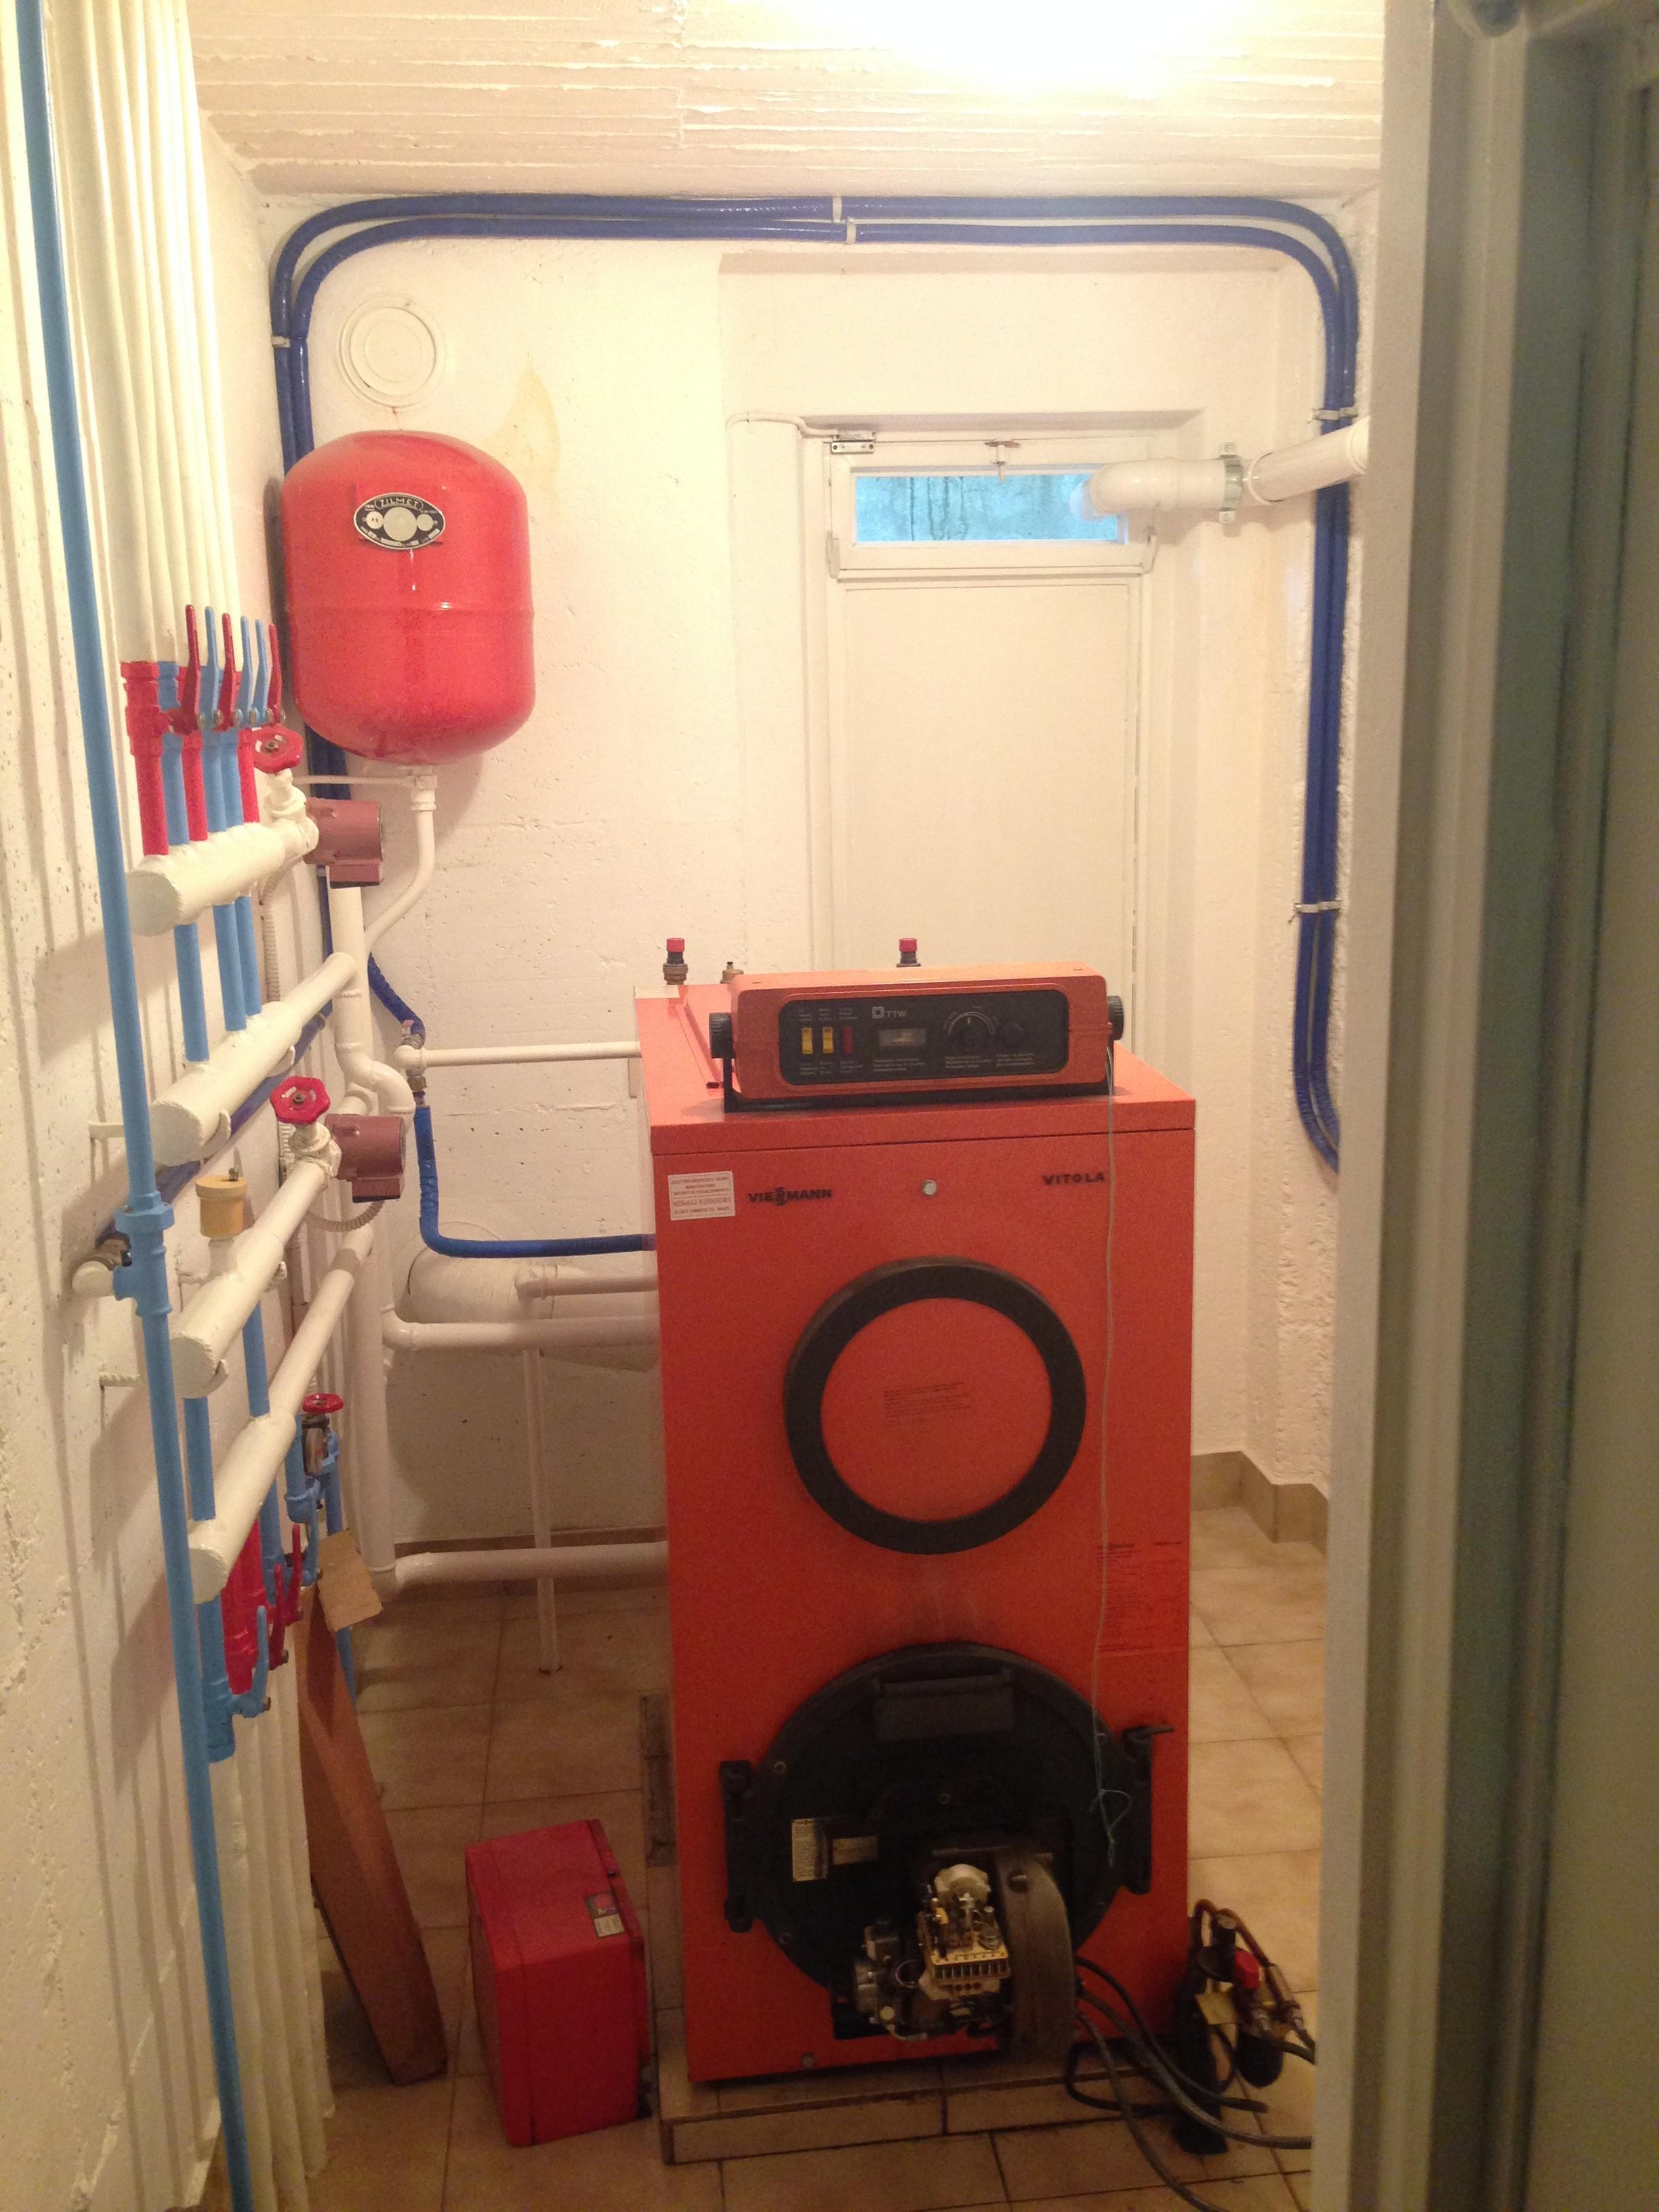 Ecco come francesco ha risparmiato il 60 con una pompa di calore - Miglior antifurto casa forum ...